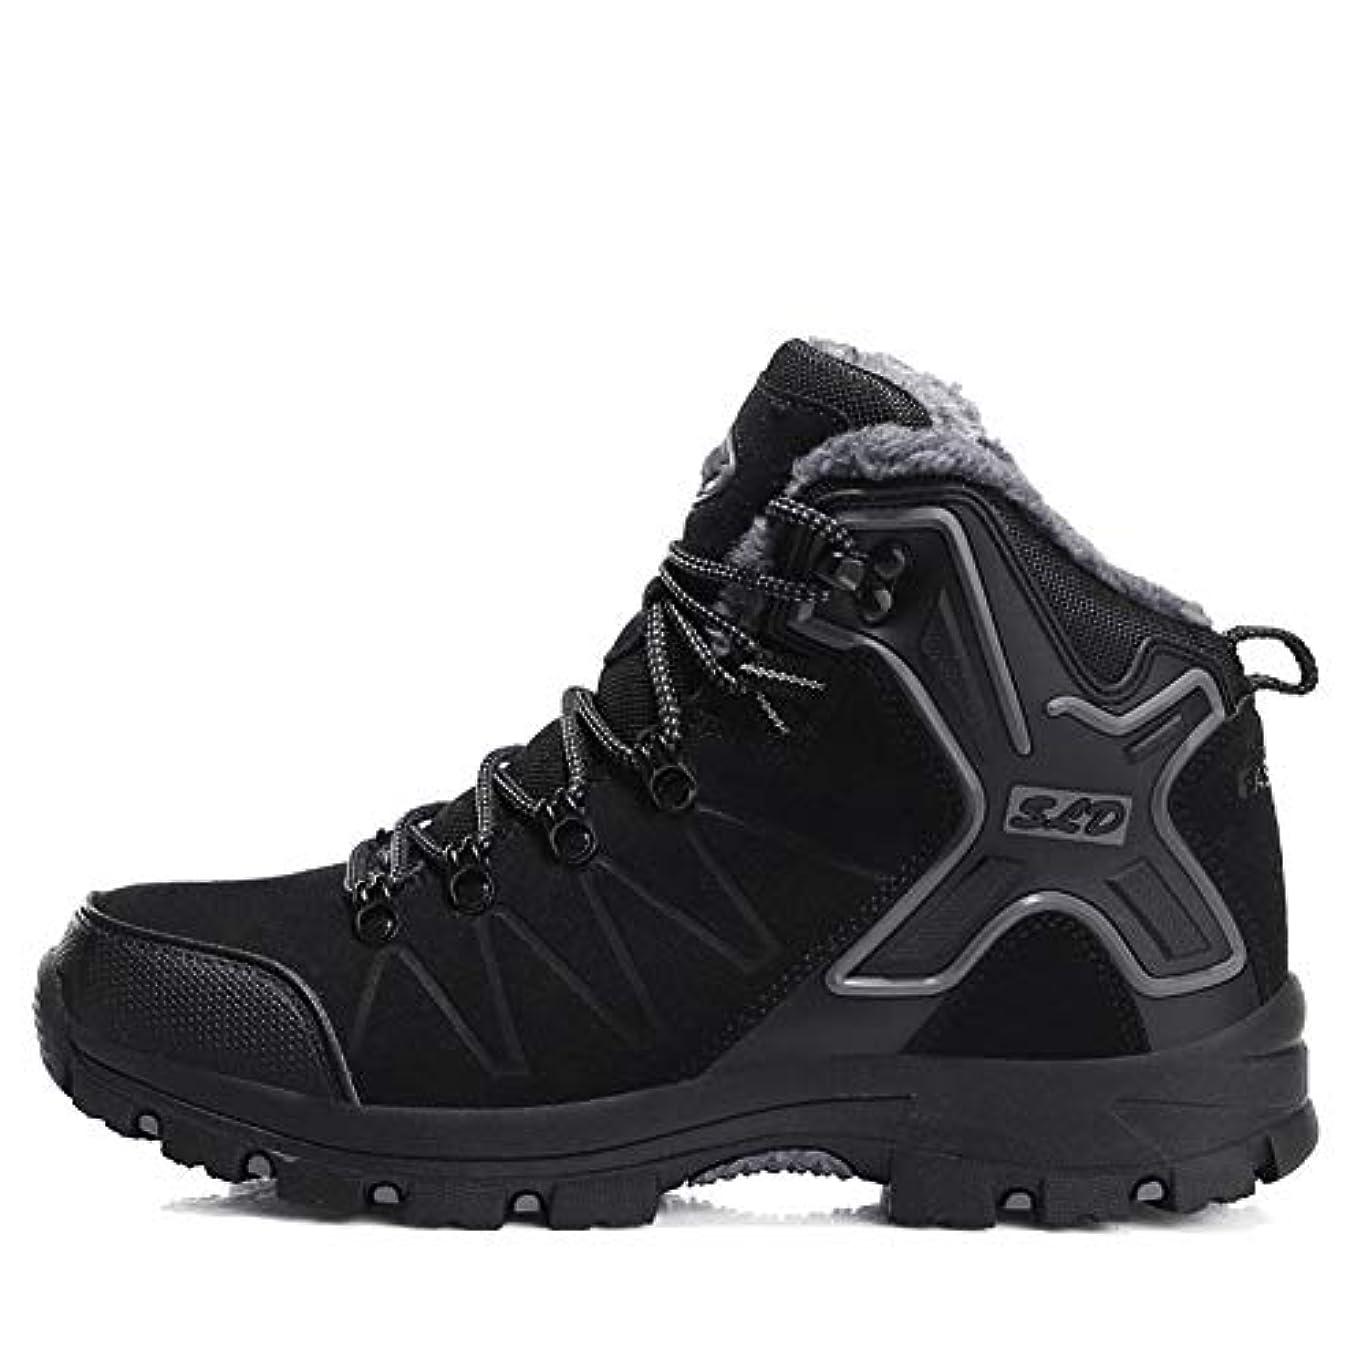 構築する微生物頼む[TcIFE] トレッキングシューズ メンズ 防水 防滑 ハイカット 登山靴 大きいサイズ ハイキングシューズ メンズ 耐磨耗 ハイキングシューズ メンズ 通気性 スニーカー